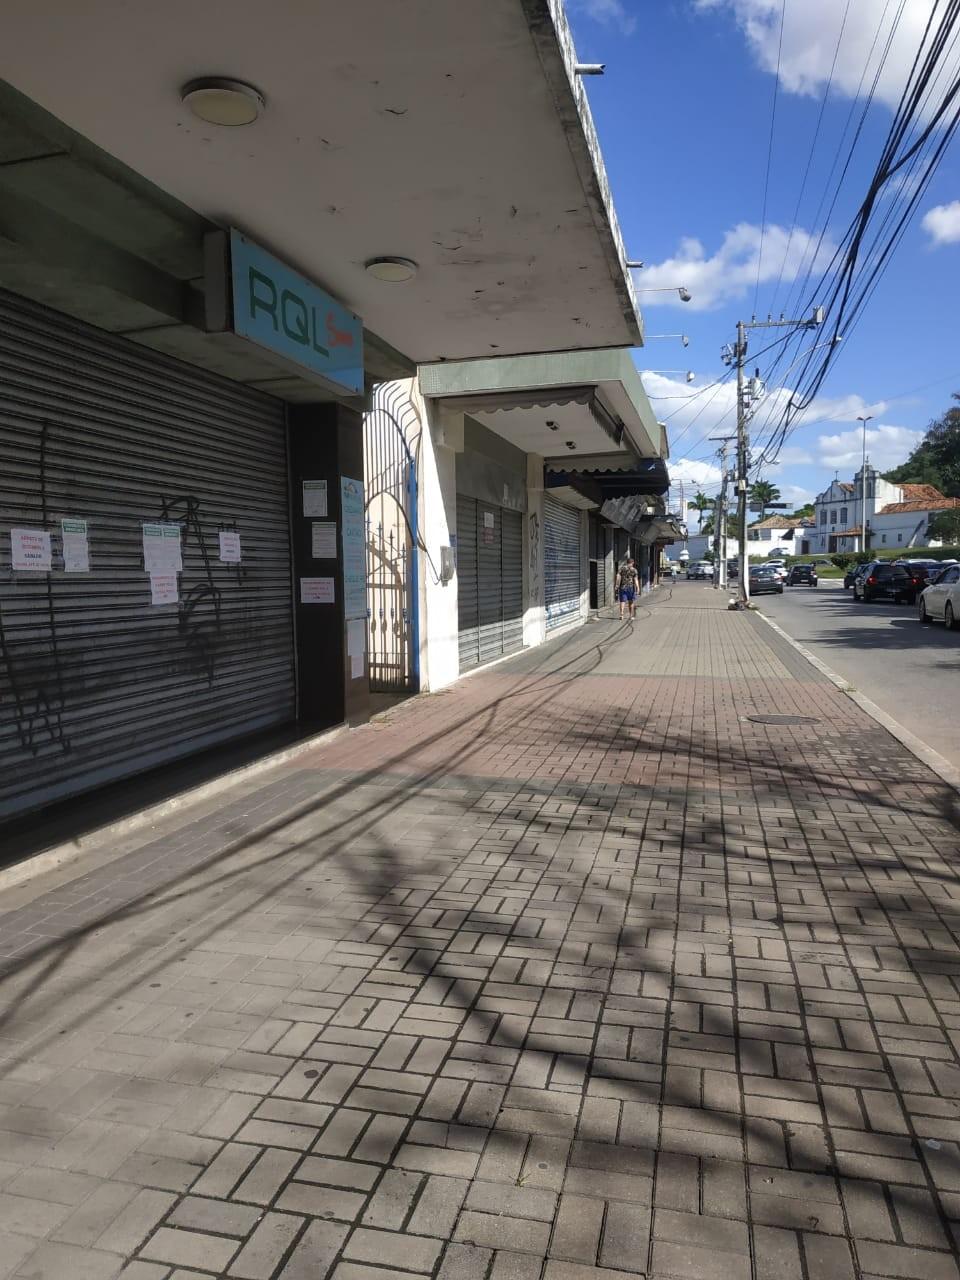 Decreto autoriza o funcionamento do comércio em modalidade de entrega e 'take away' em Cabo Frio, no RJ